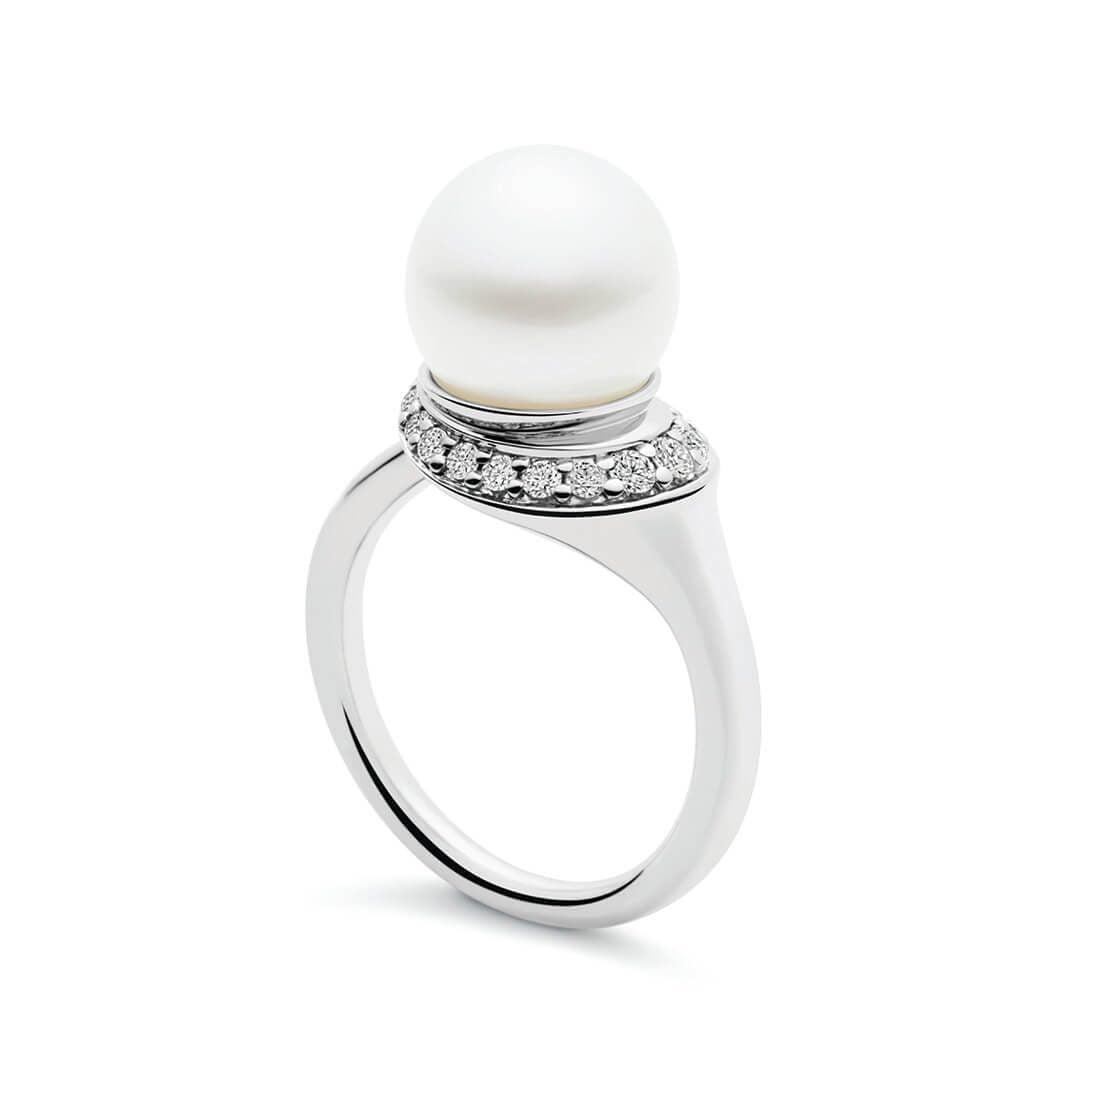 Kailis - Swan Ring, White Gold